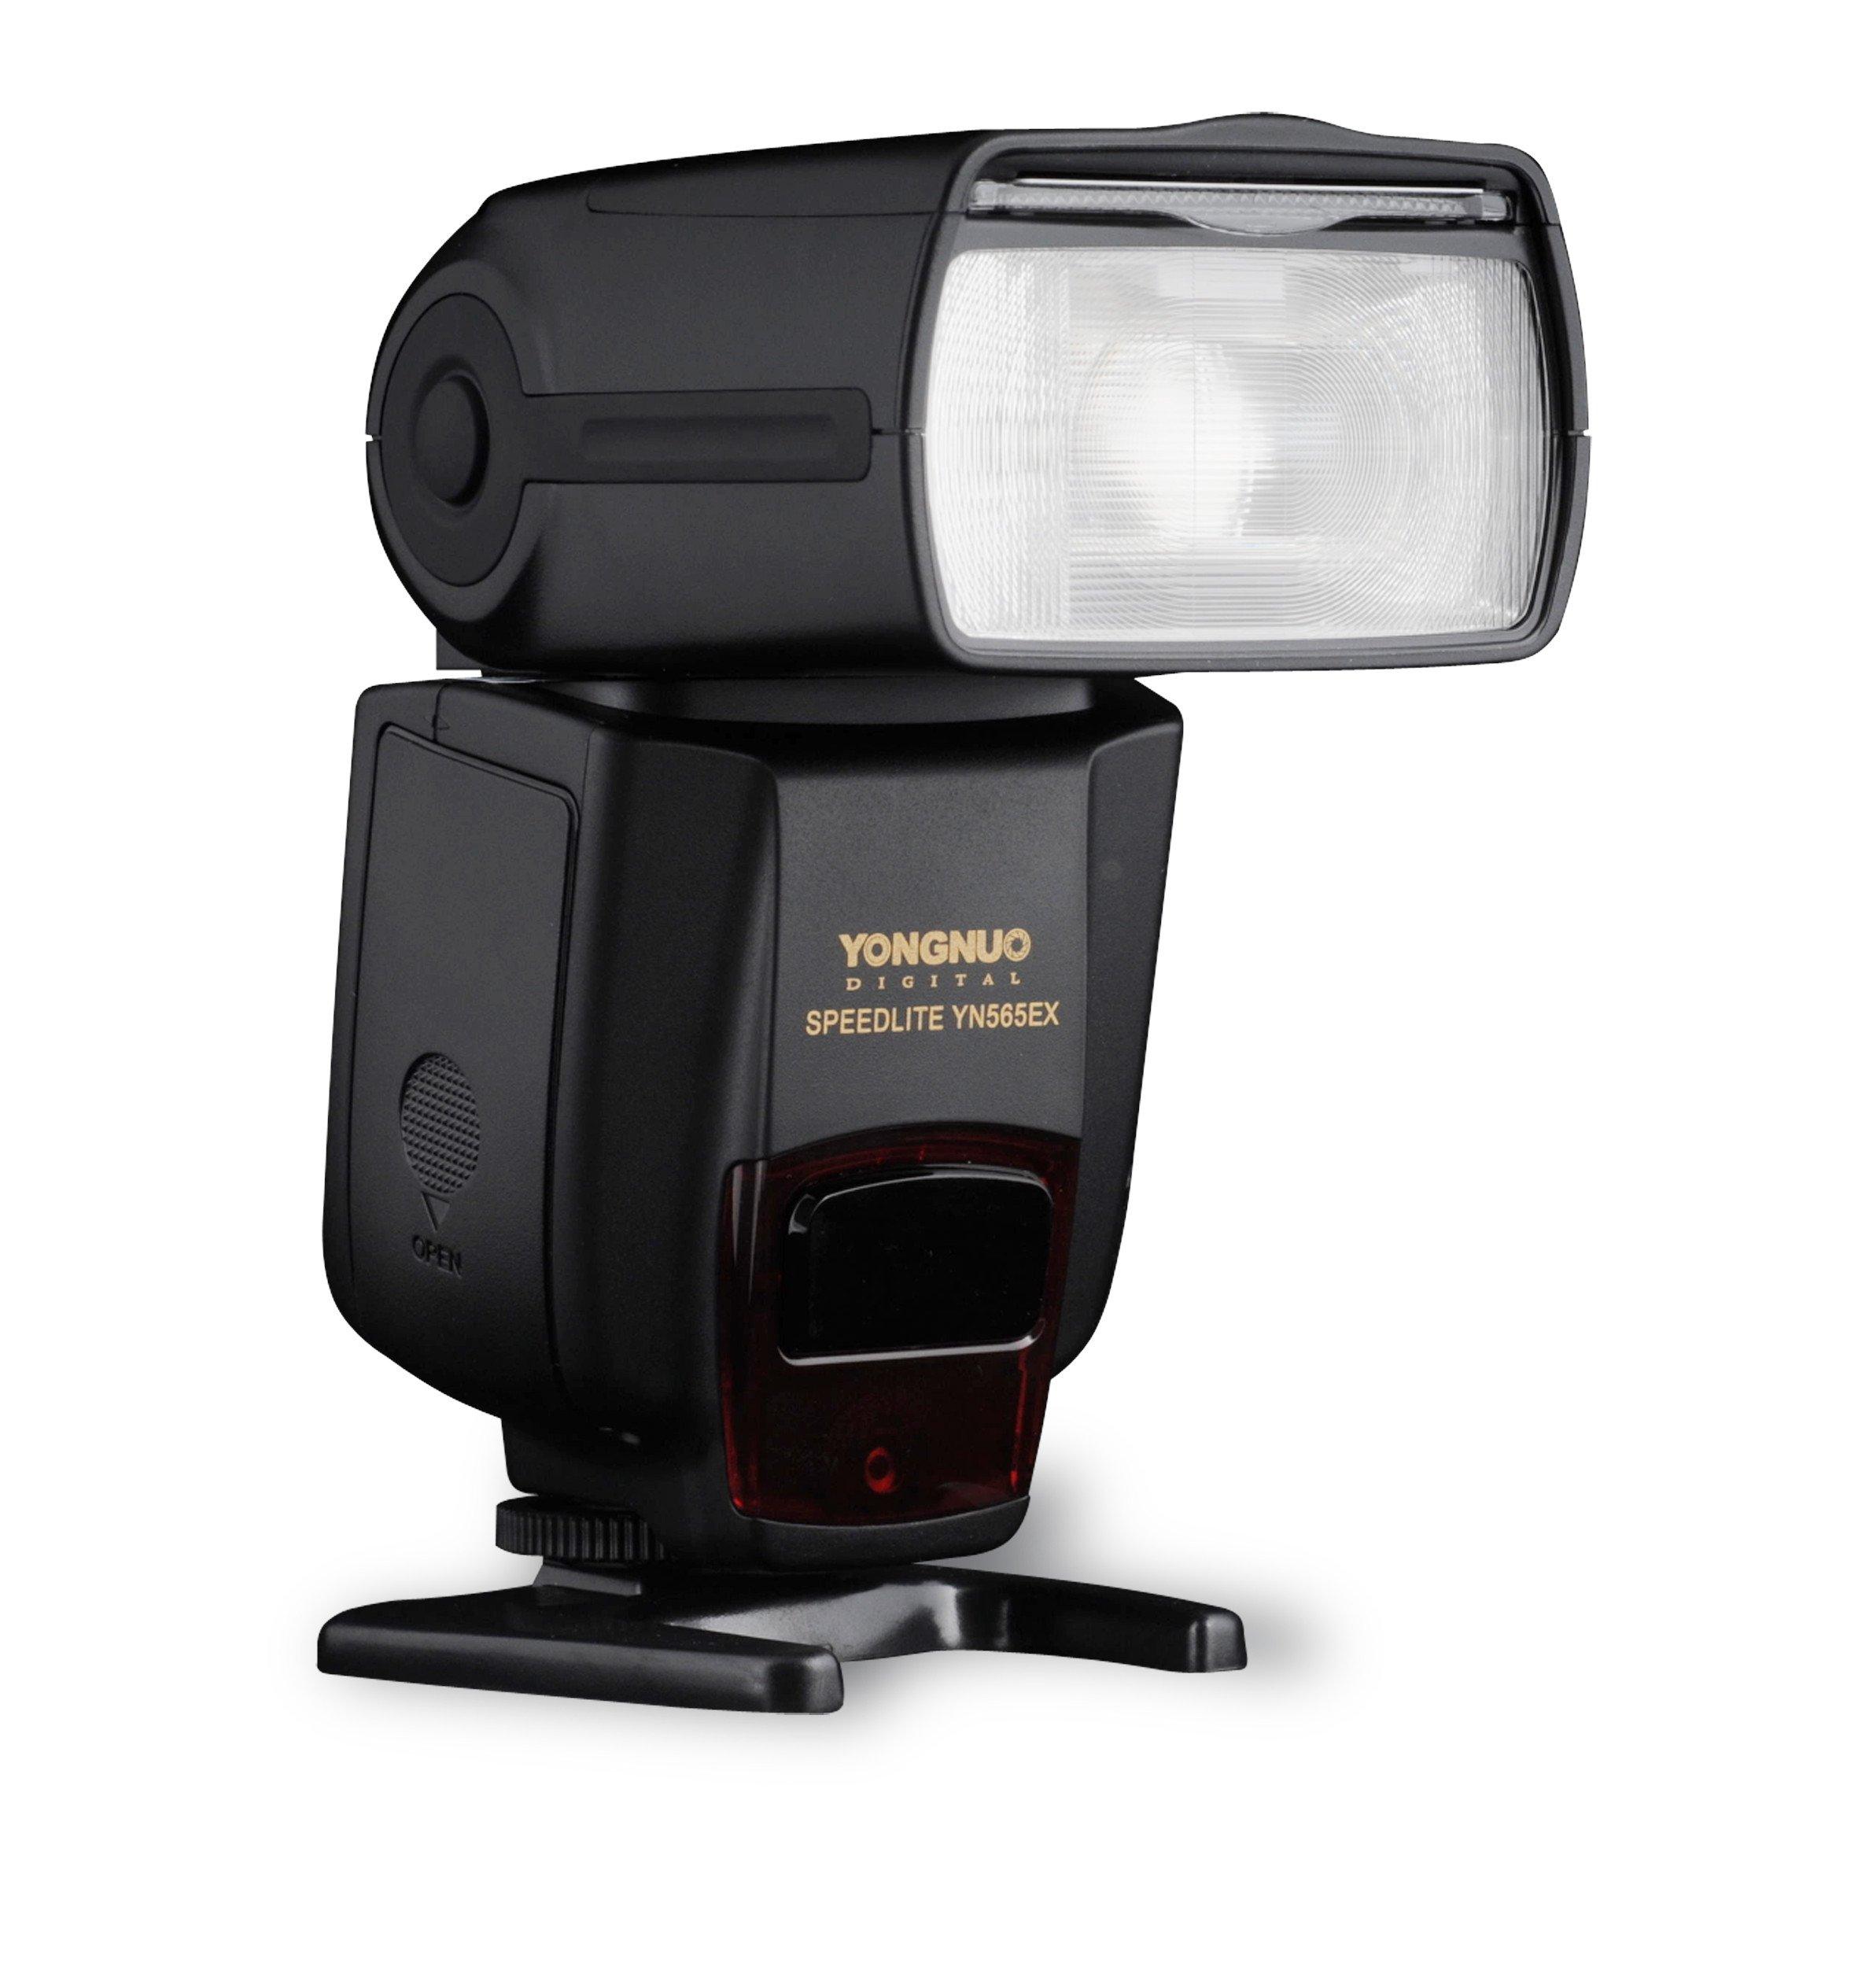 YONGNUO YN565EX YN-565EX Wireless TTL Flash Speedlite for Nikon Camera in Wireless Slave TTL mode, Digital ITTL mode, Manual and Multi Mode